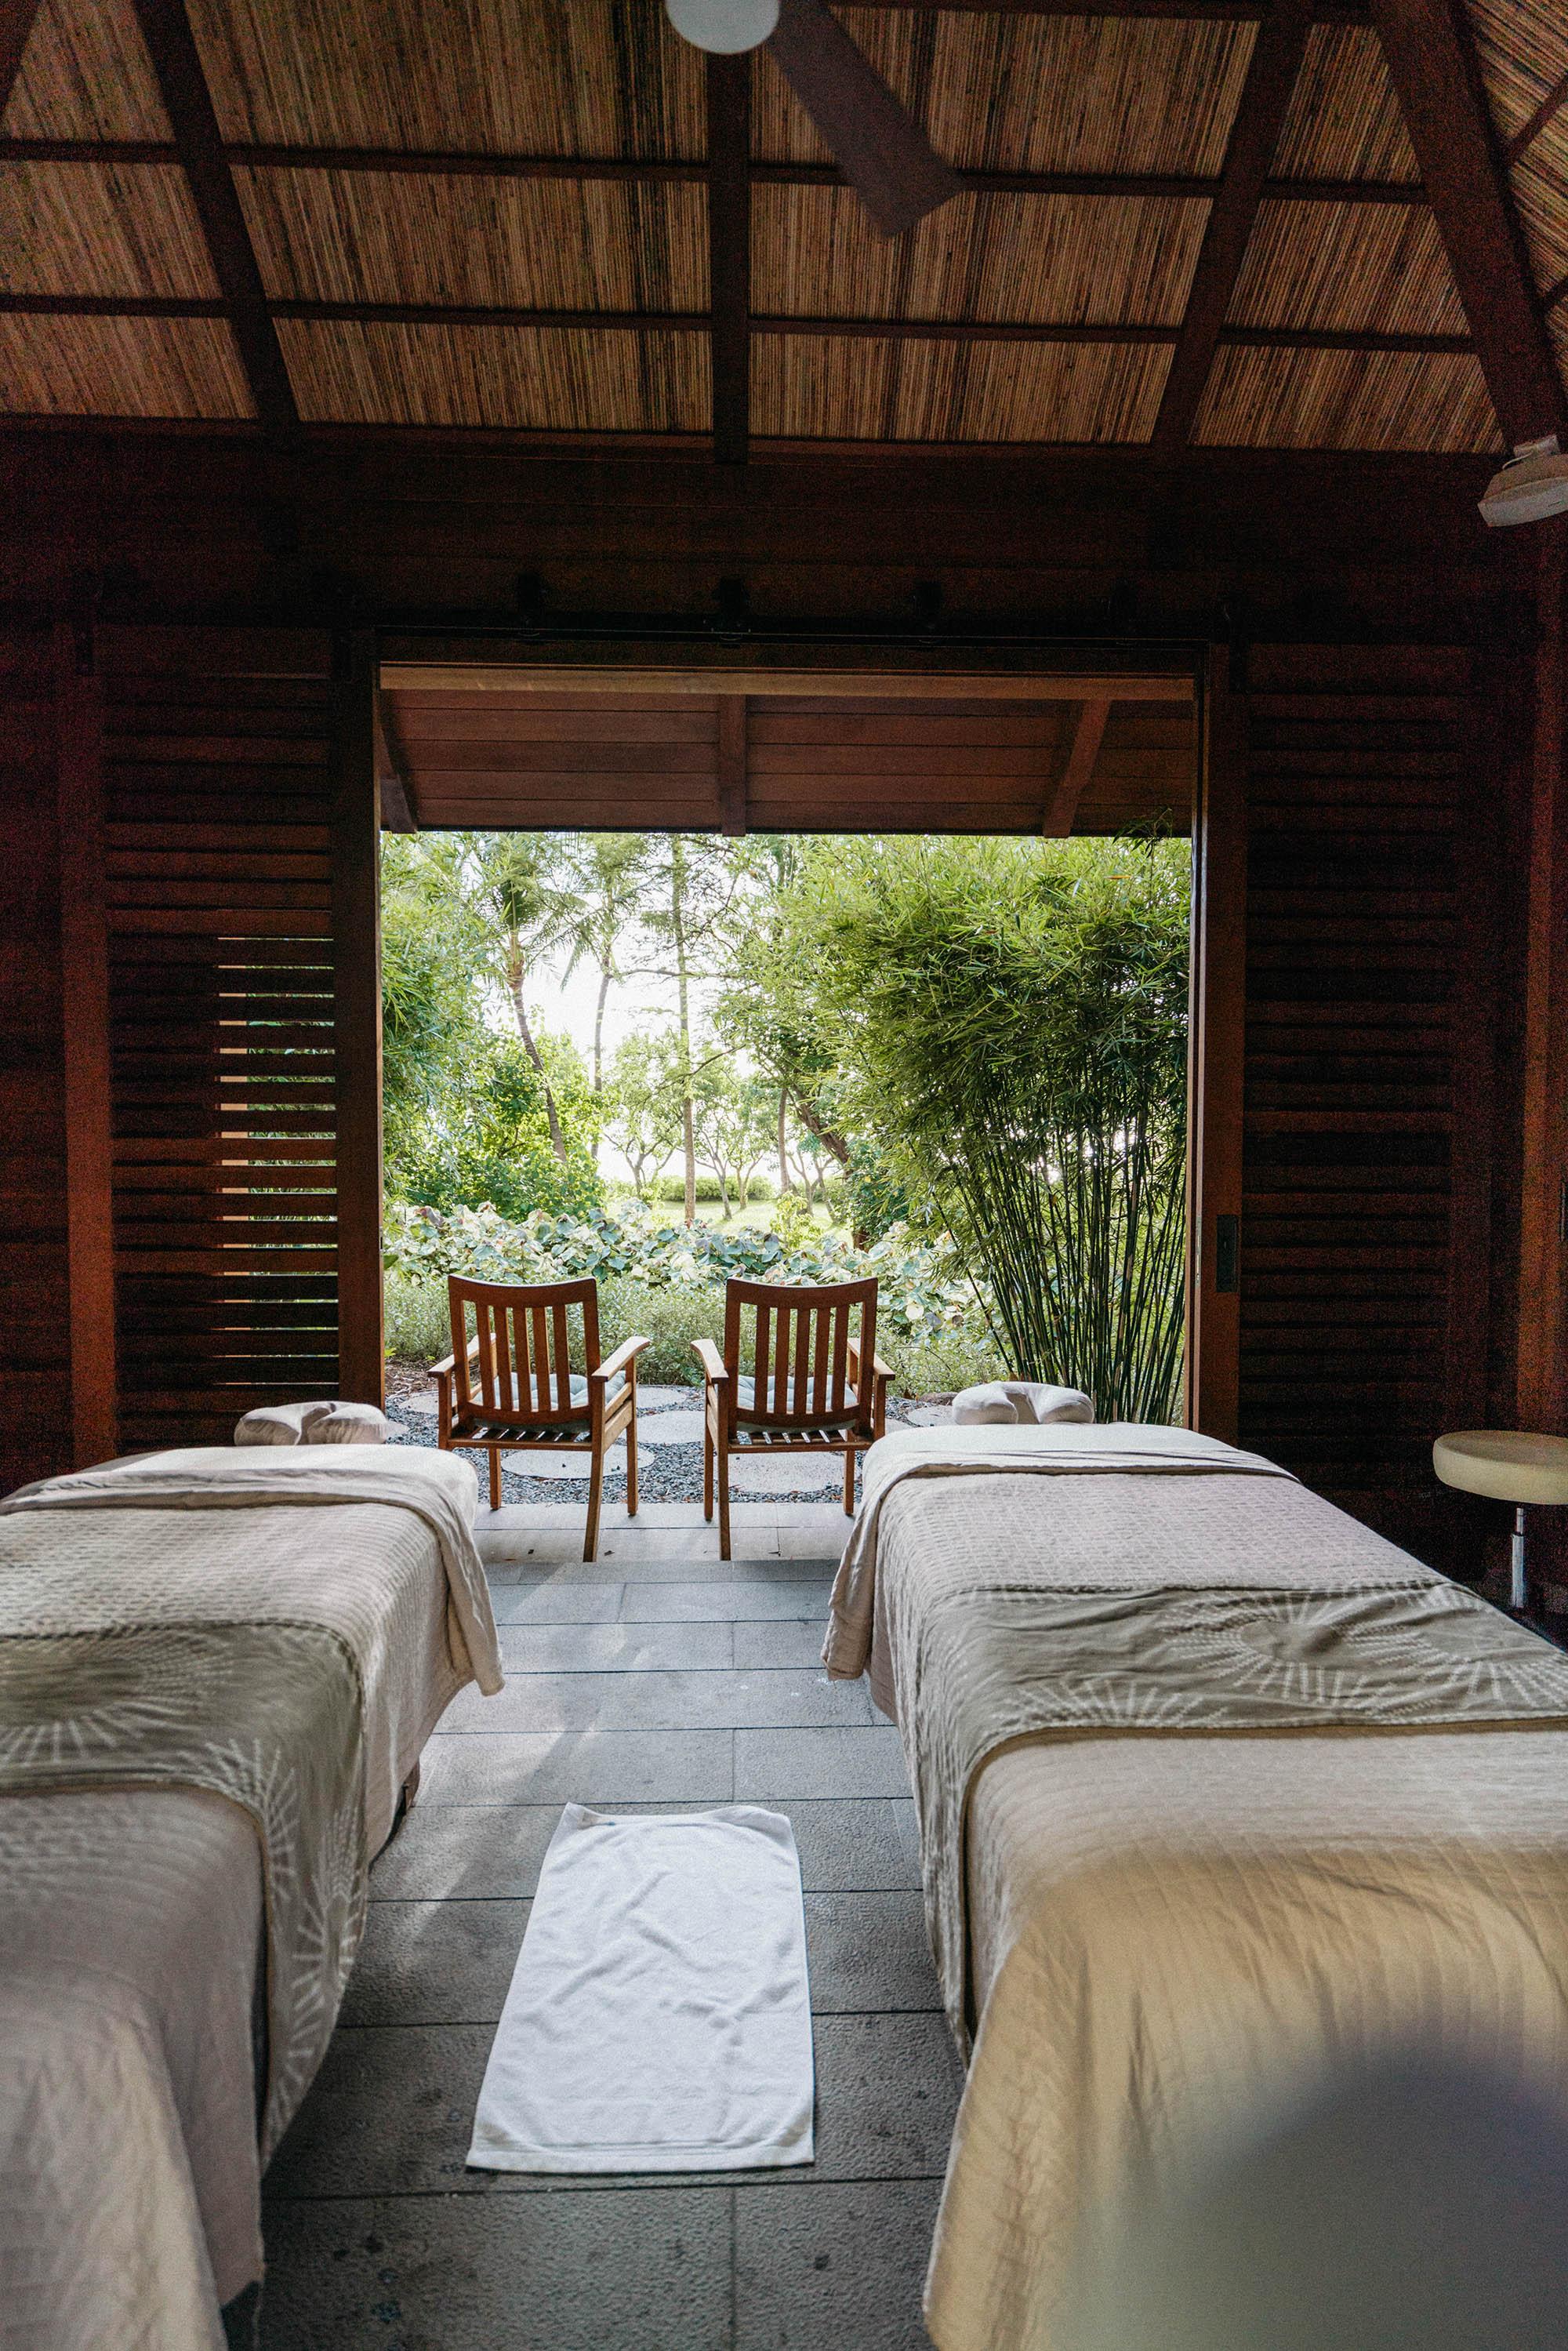 Couple's Massage at FS Oahu's  Naupaka Spa & Wellness